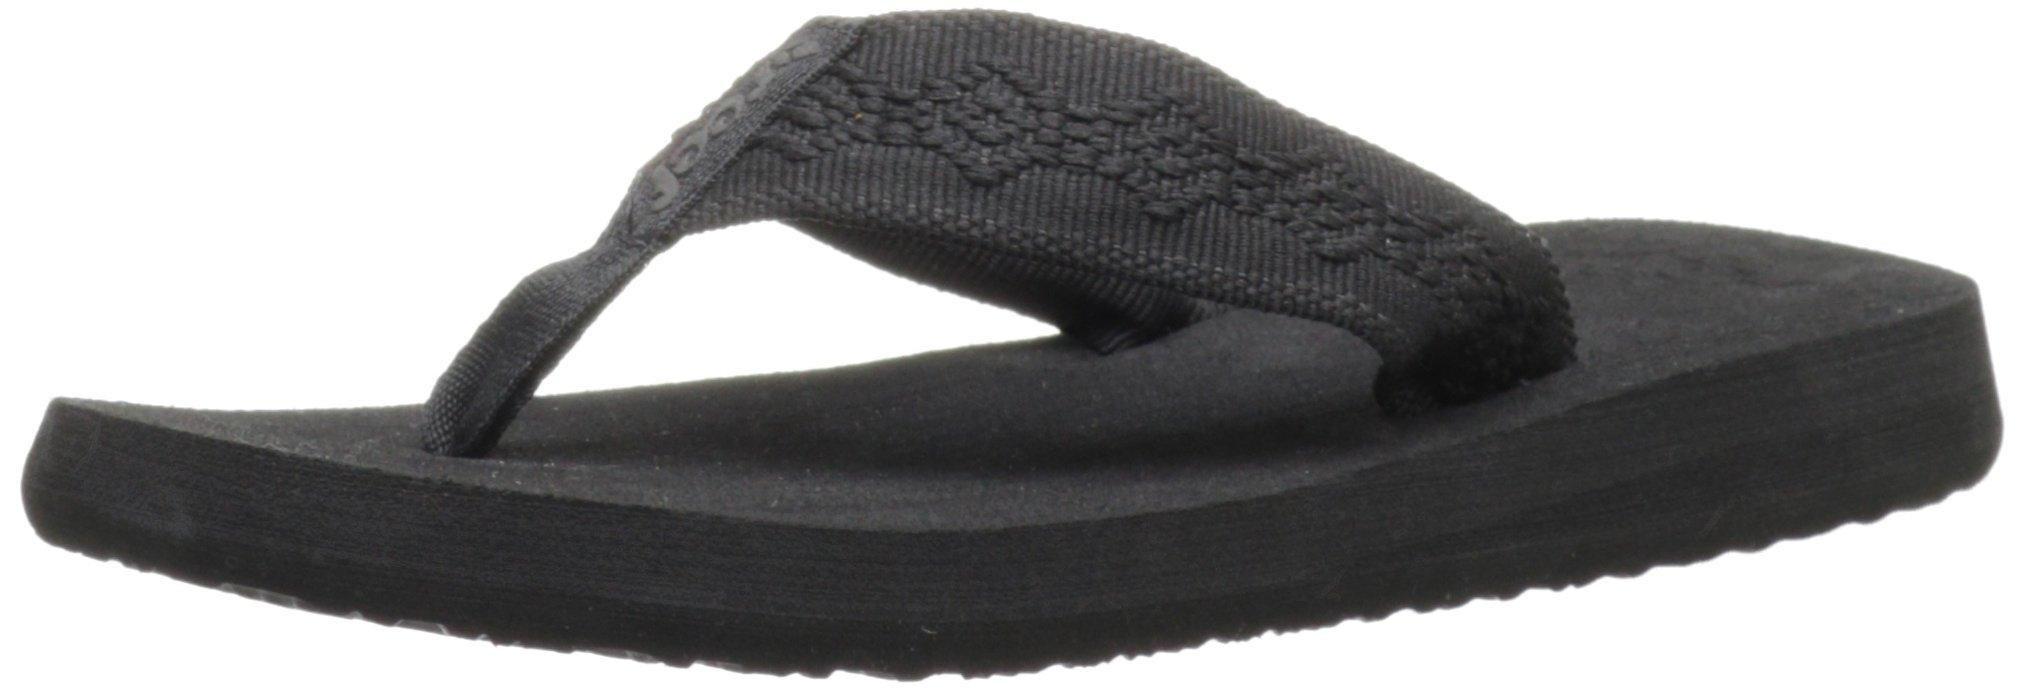 Reef Women's Sandy Flip-Flop Sandal